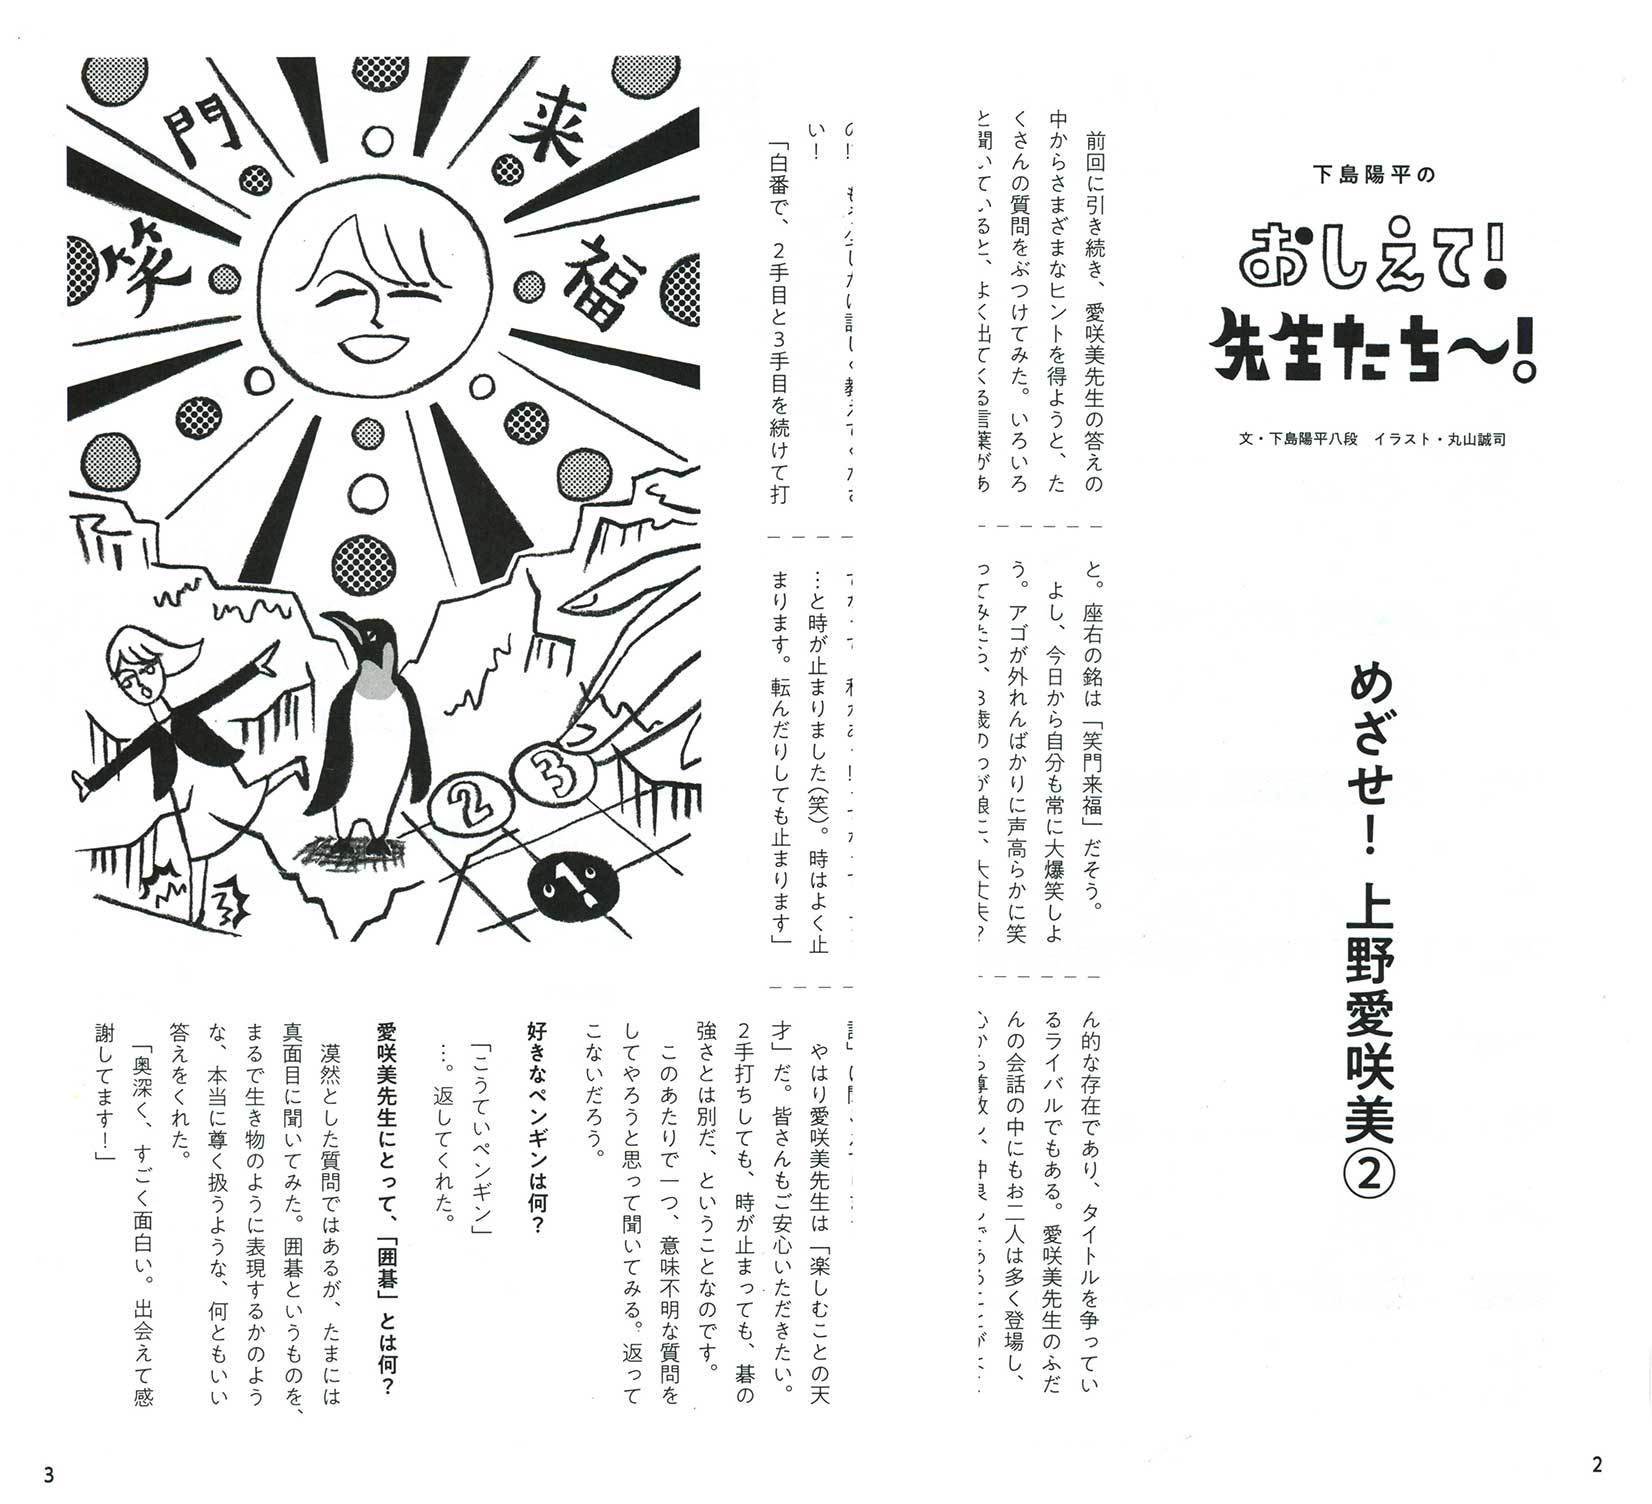 囲碁講座(NHK出版)2021年5月号 「おしえて!先生たち〜!」イラスト+タイトル描き文字_a0048227_12485692.jpg